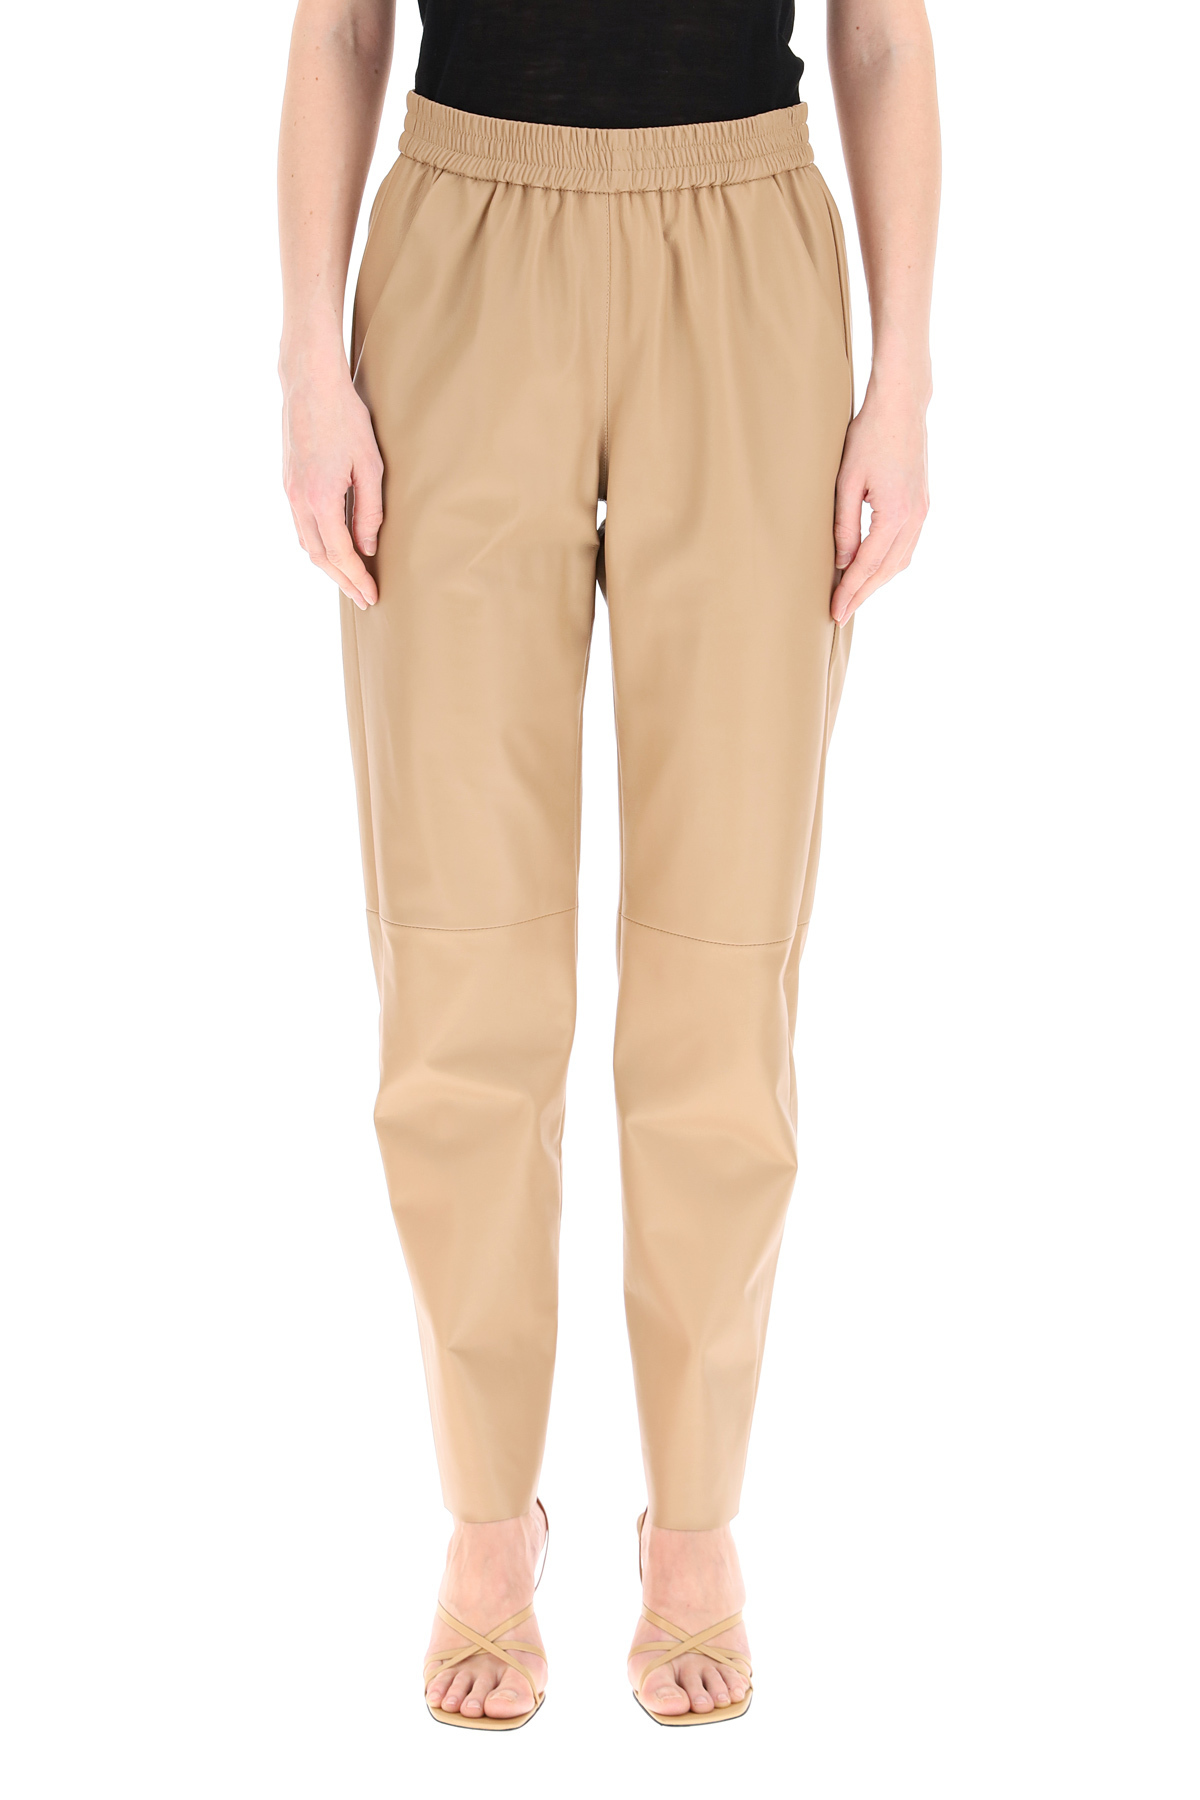 Drome pantaloni jogger in pelle